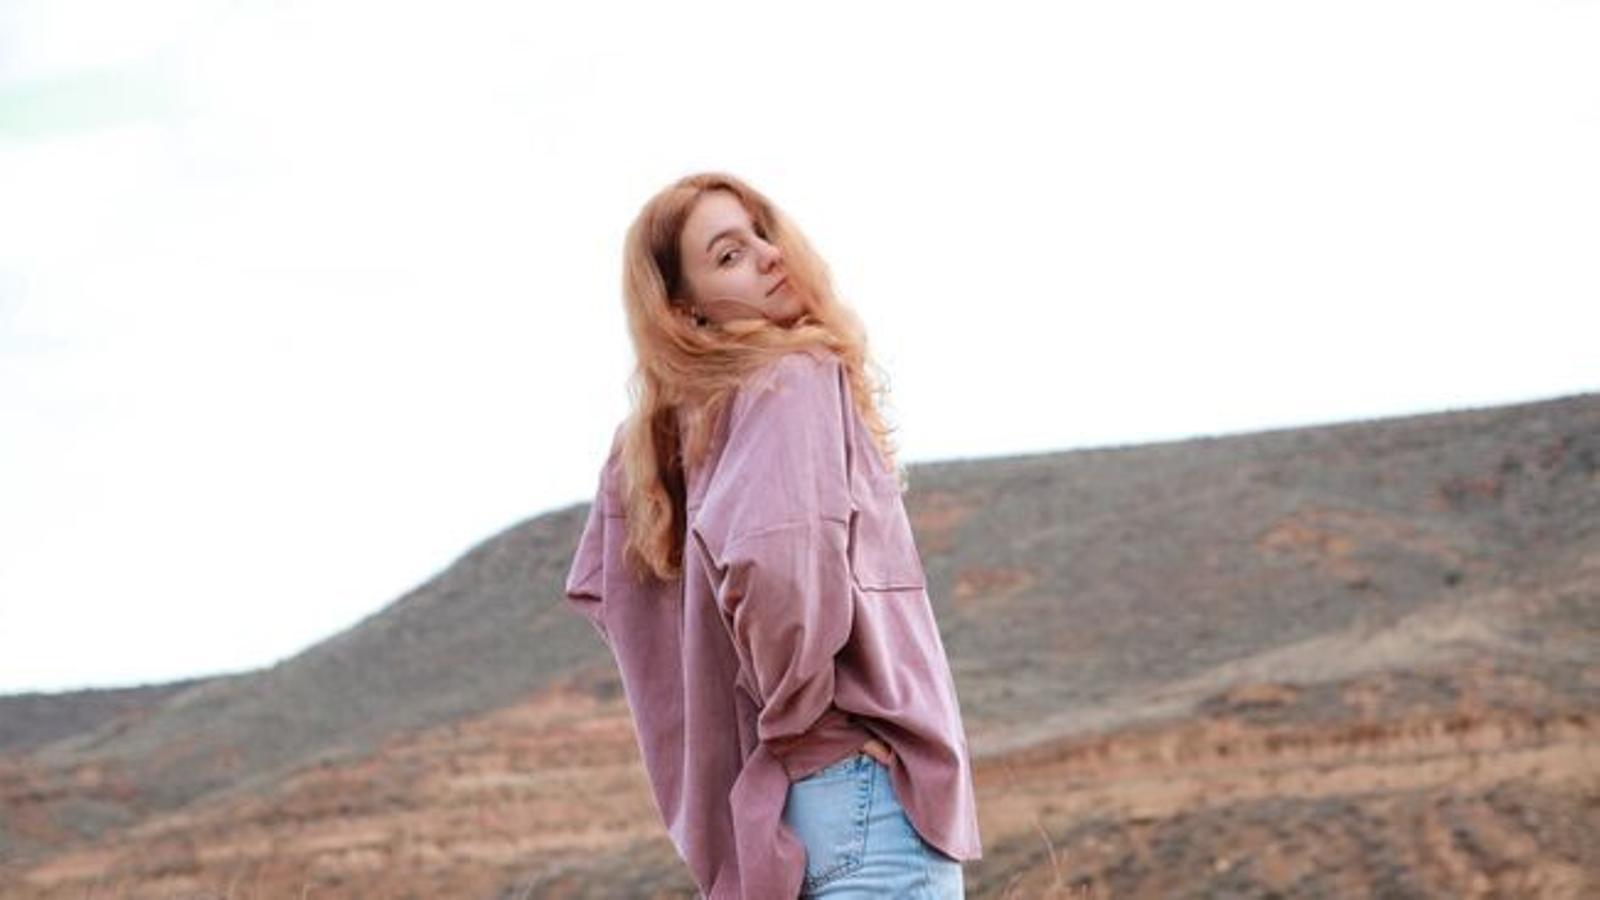 Suu és una de les artistes que actuarà a Les Nits d'Acústica